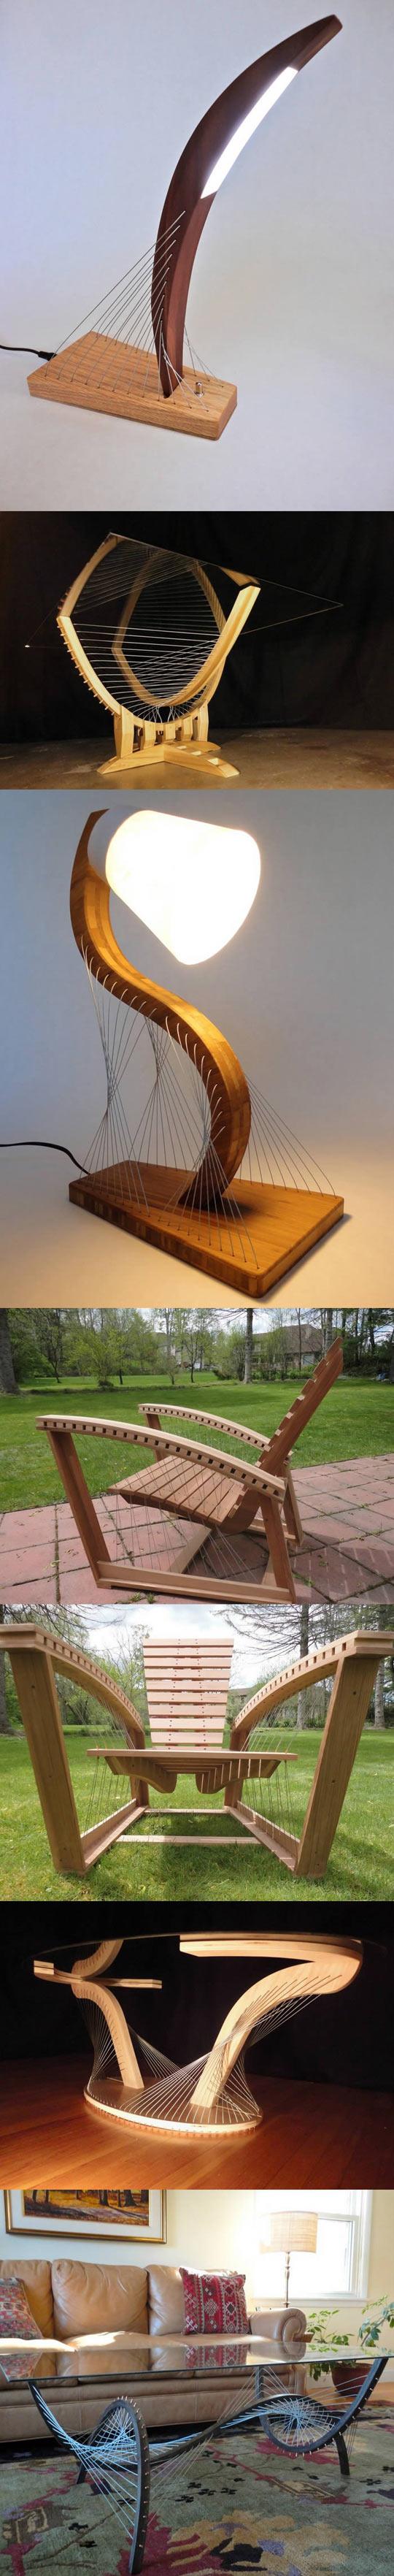 cool-furniture-tension-design-lamp